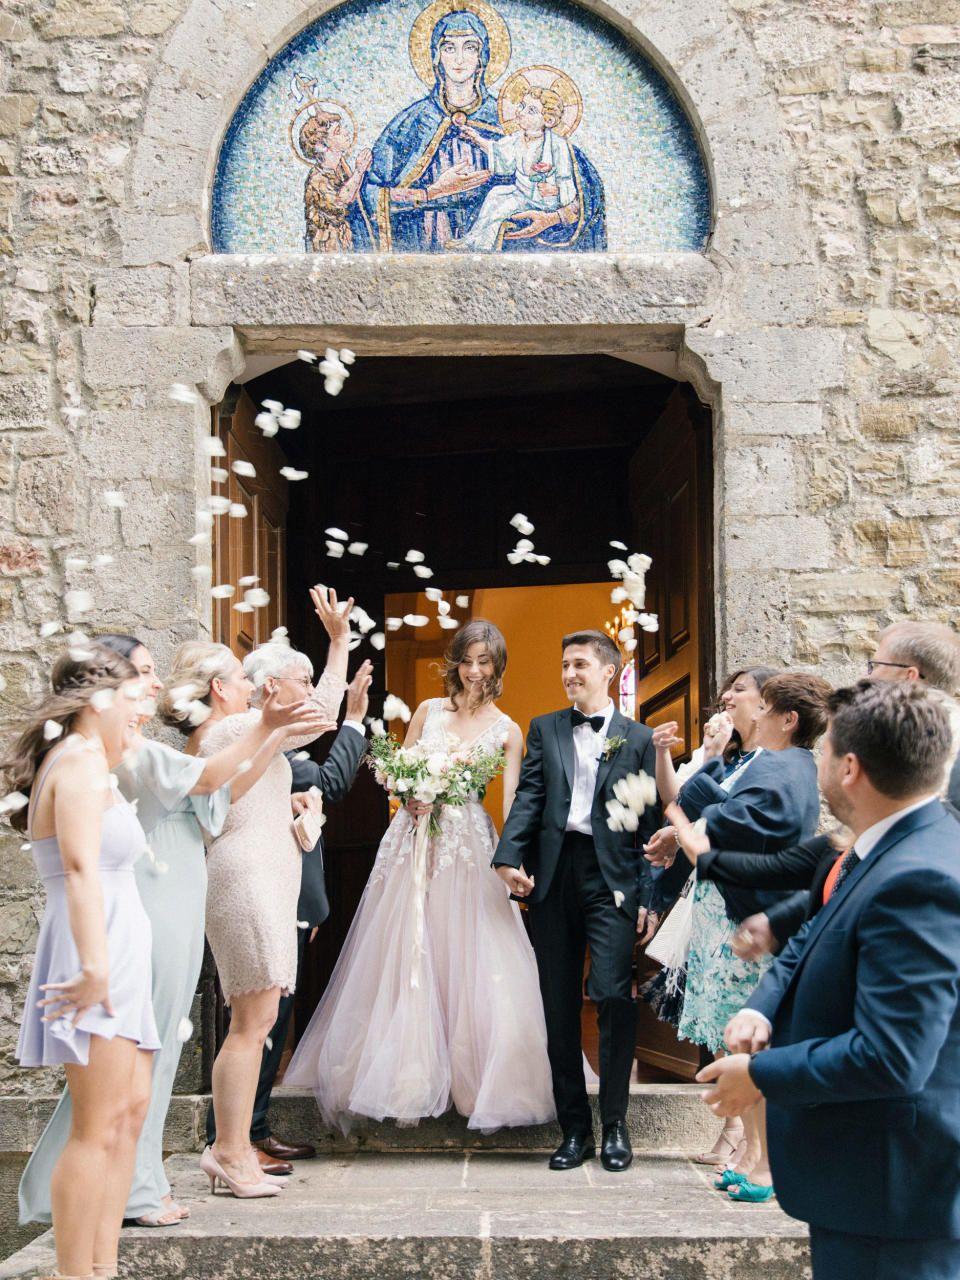 Wir Verraten Dir Alles Was Alles In Die Kosten Fur Eine Kirchliche Trauung Mit Einfliesst Theperfectwedding Kirchliche Trauung Kirchliche Hochzeit Trauung